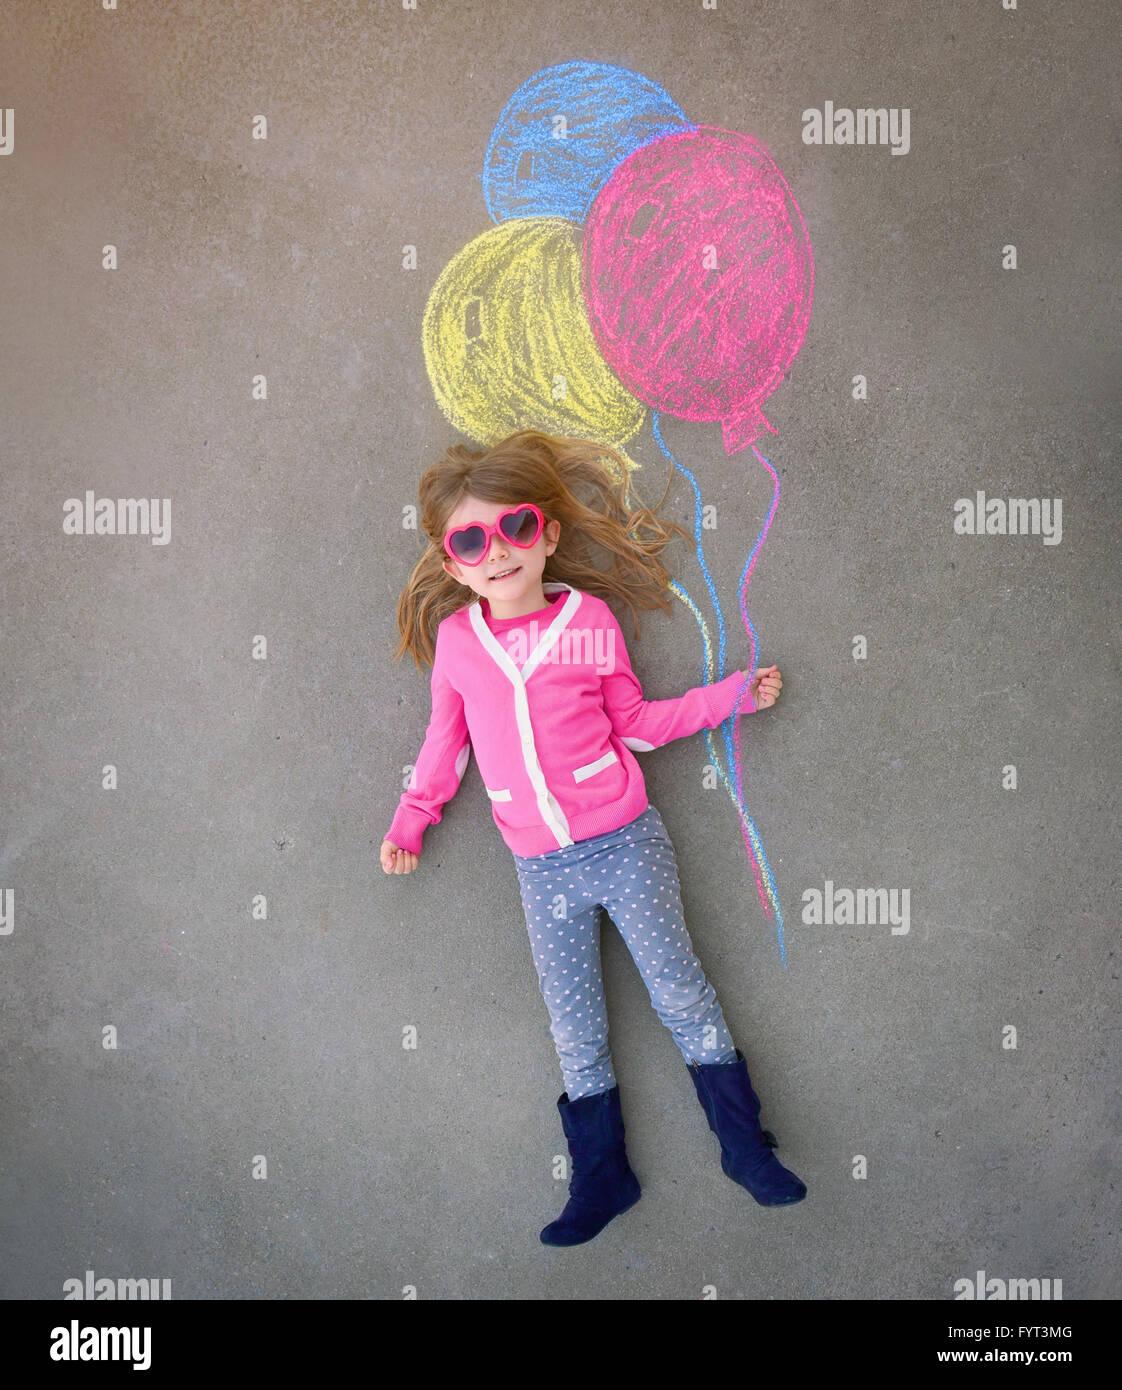 Un incantevole piccola ragazza con occhiali da sole è azienda creative chalk palloncini disegnata sul marciapiede Immagini Stock